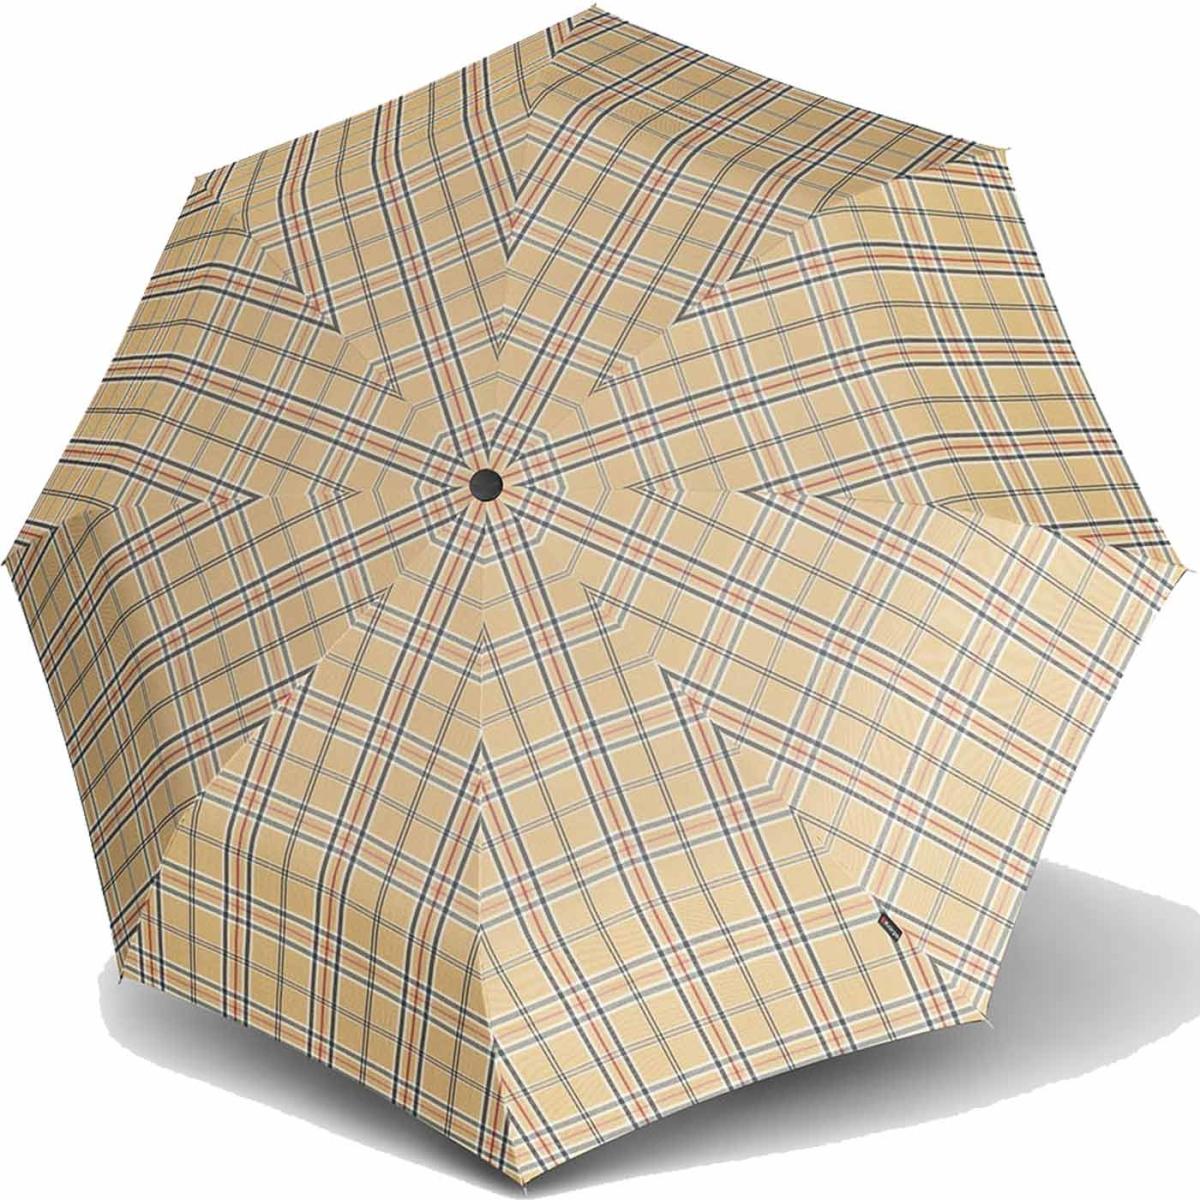 knirps regenschirm fiber t2 duomatic check karo beige 539 38 99 eur. Black Bedroom Furniture Sets. Home Design Ideas